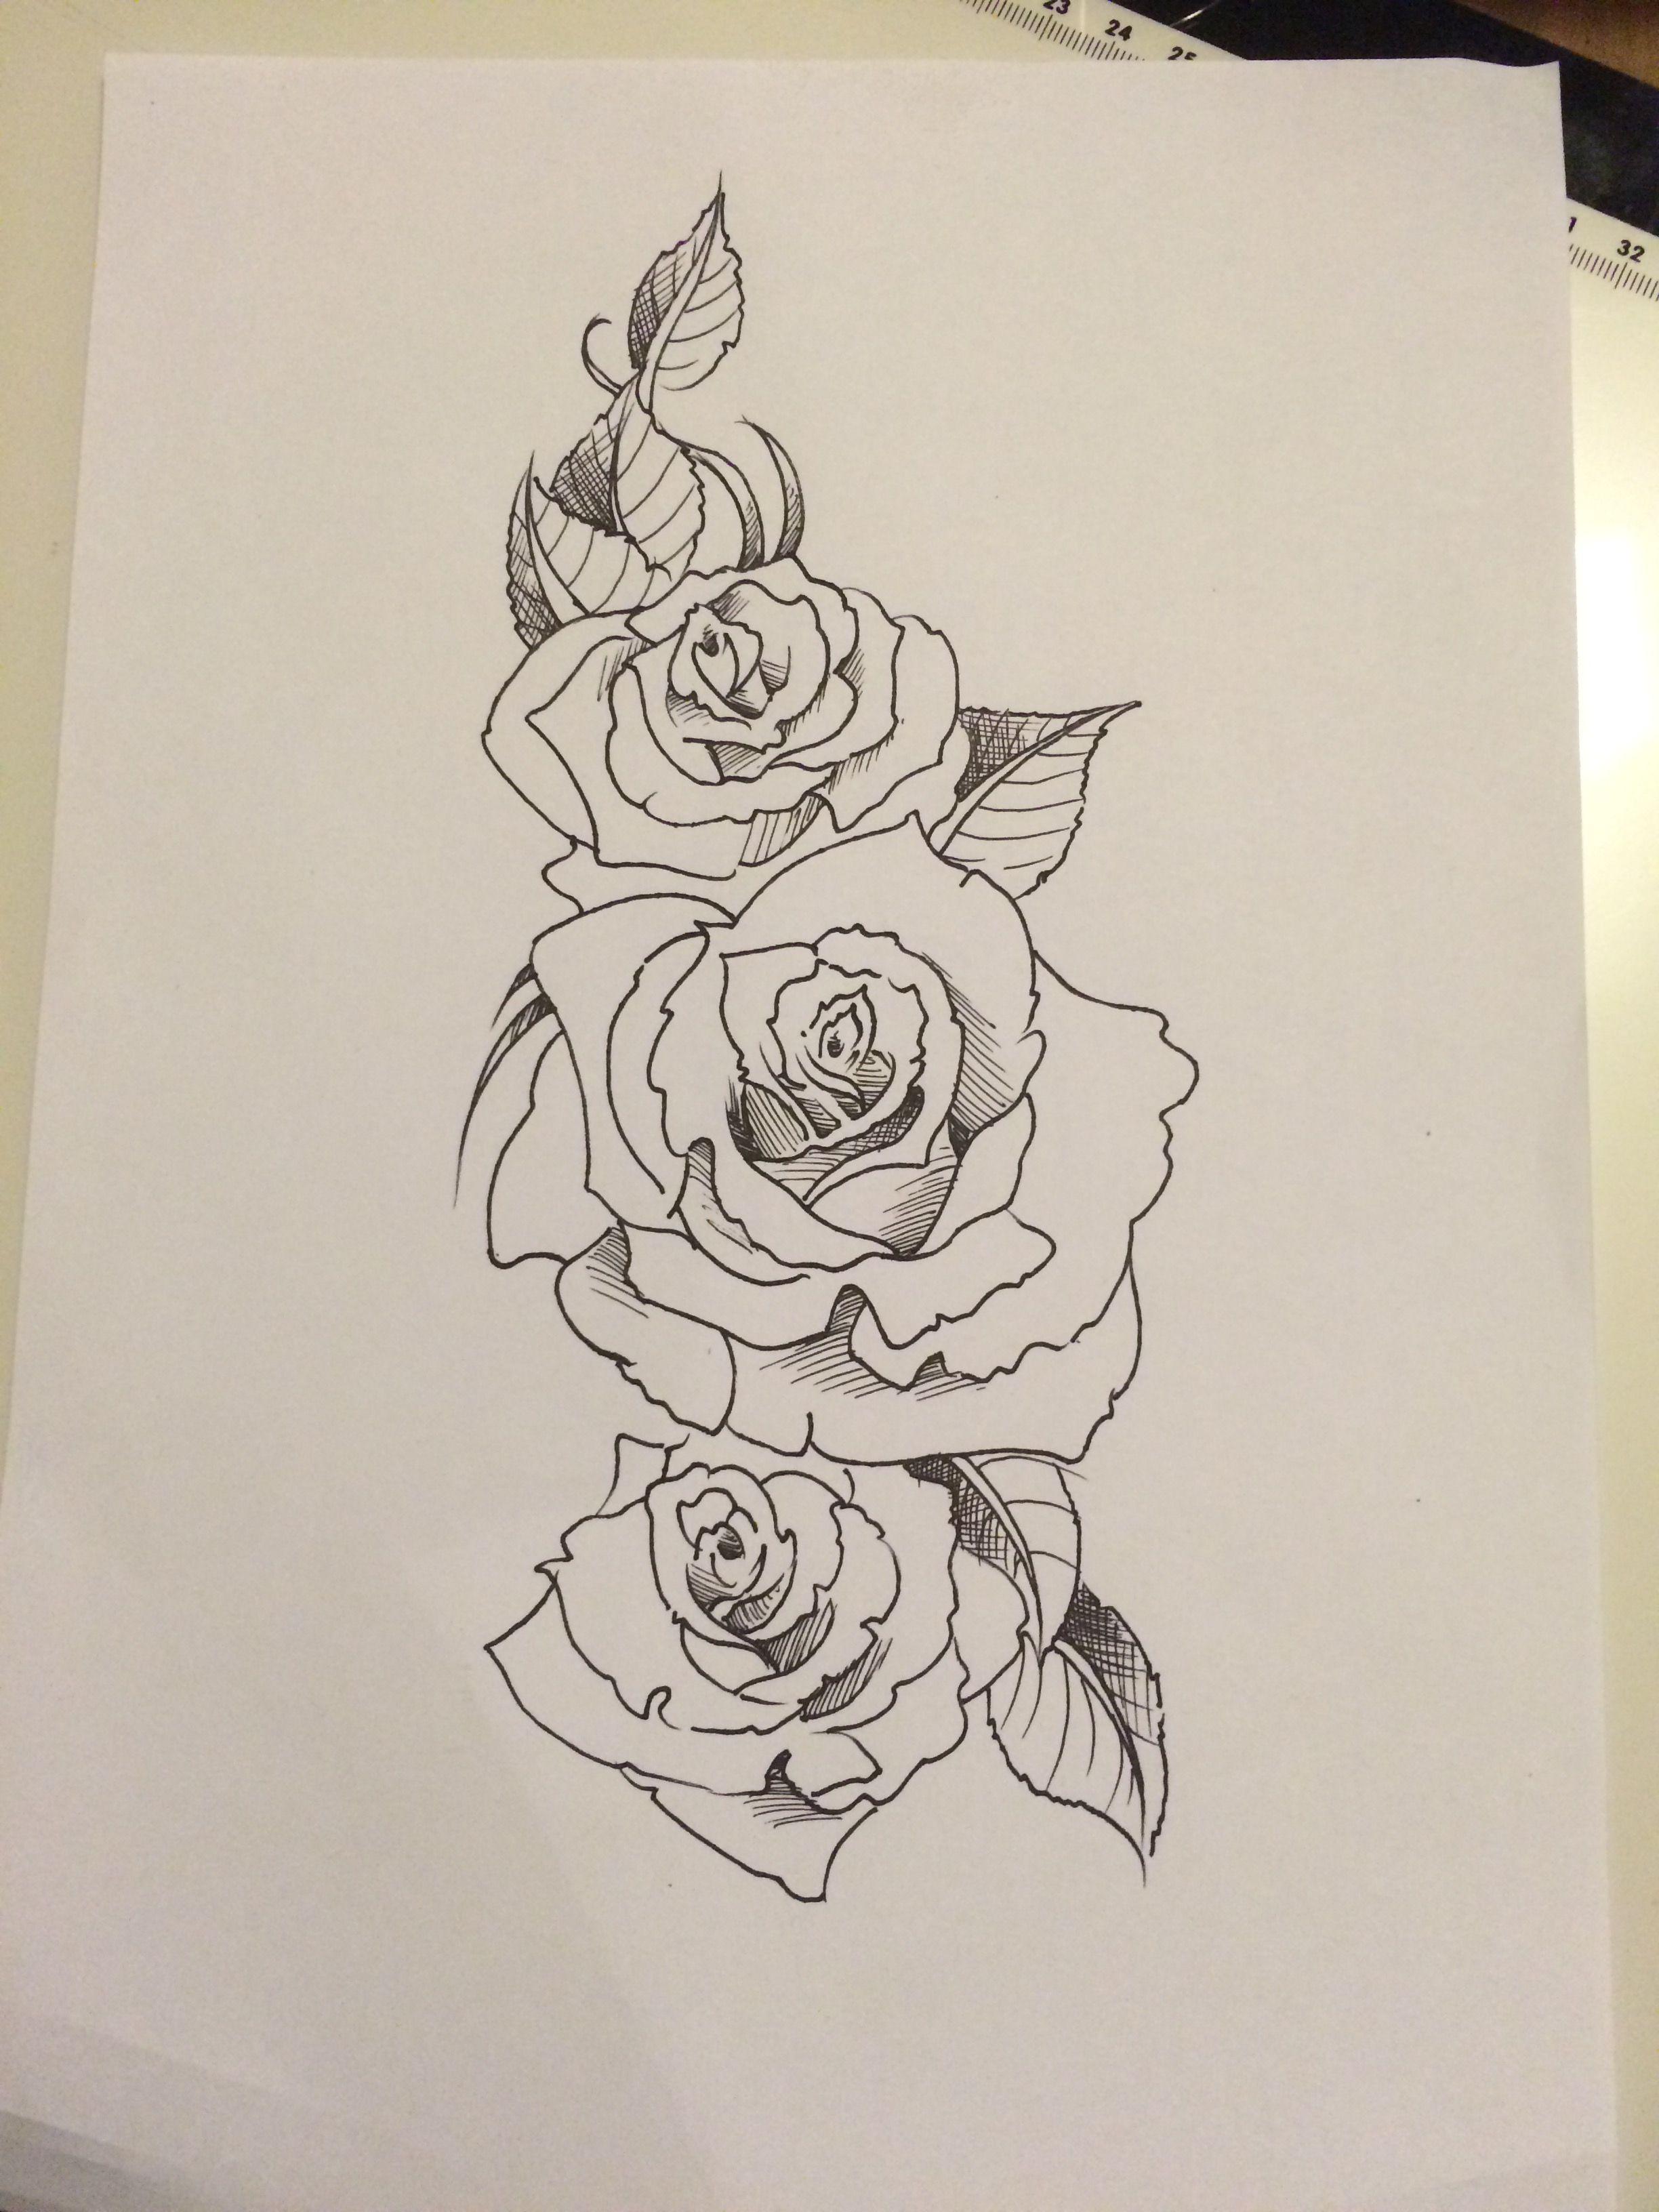 e9c81db2f Custom rose tattoo tattoo done by Travis Allen at twisted tattoo Yaxley  Www. twistedtattoo.